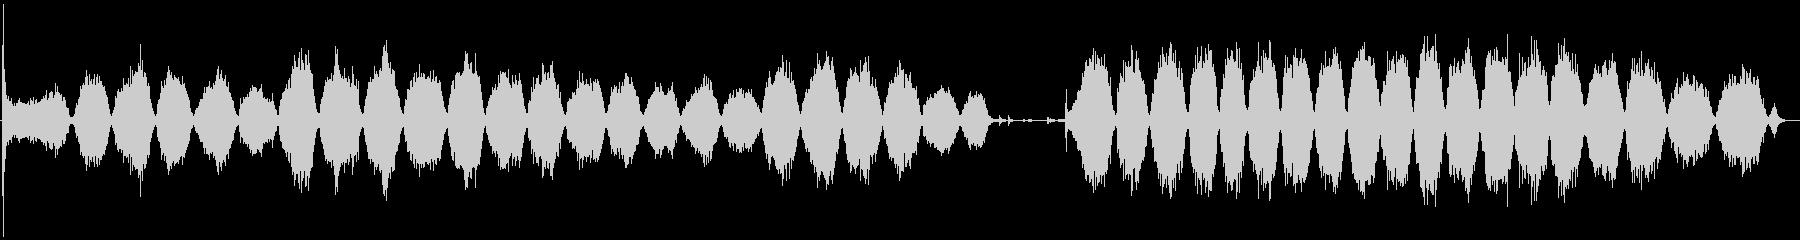 サンディングブロックを使用したハン...の未再生の波形